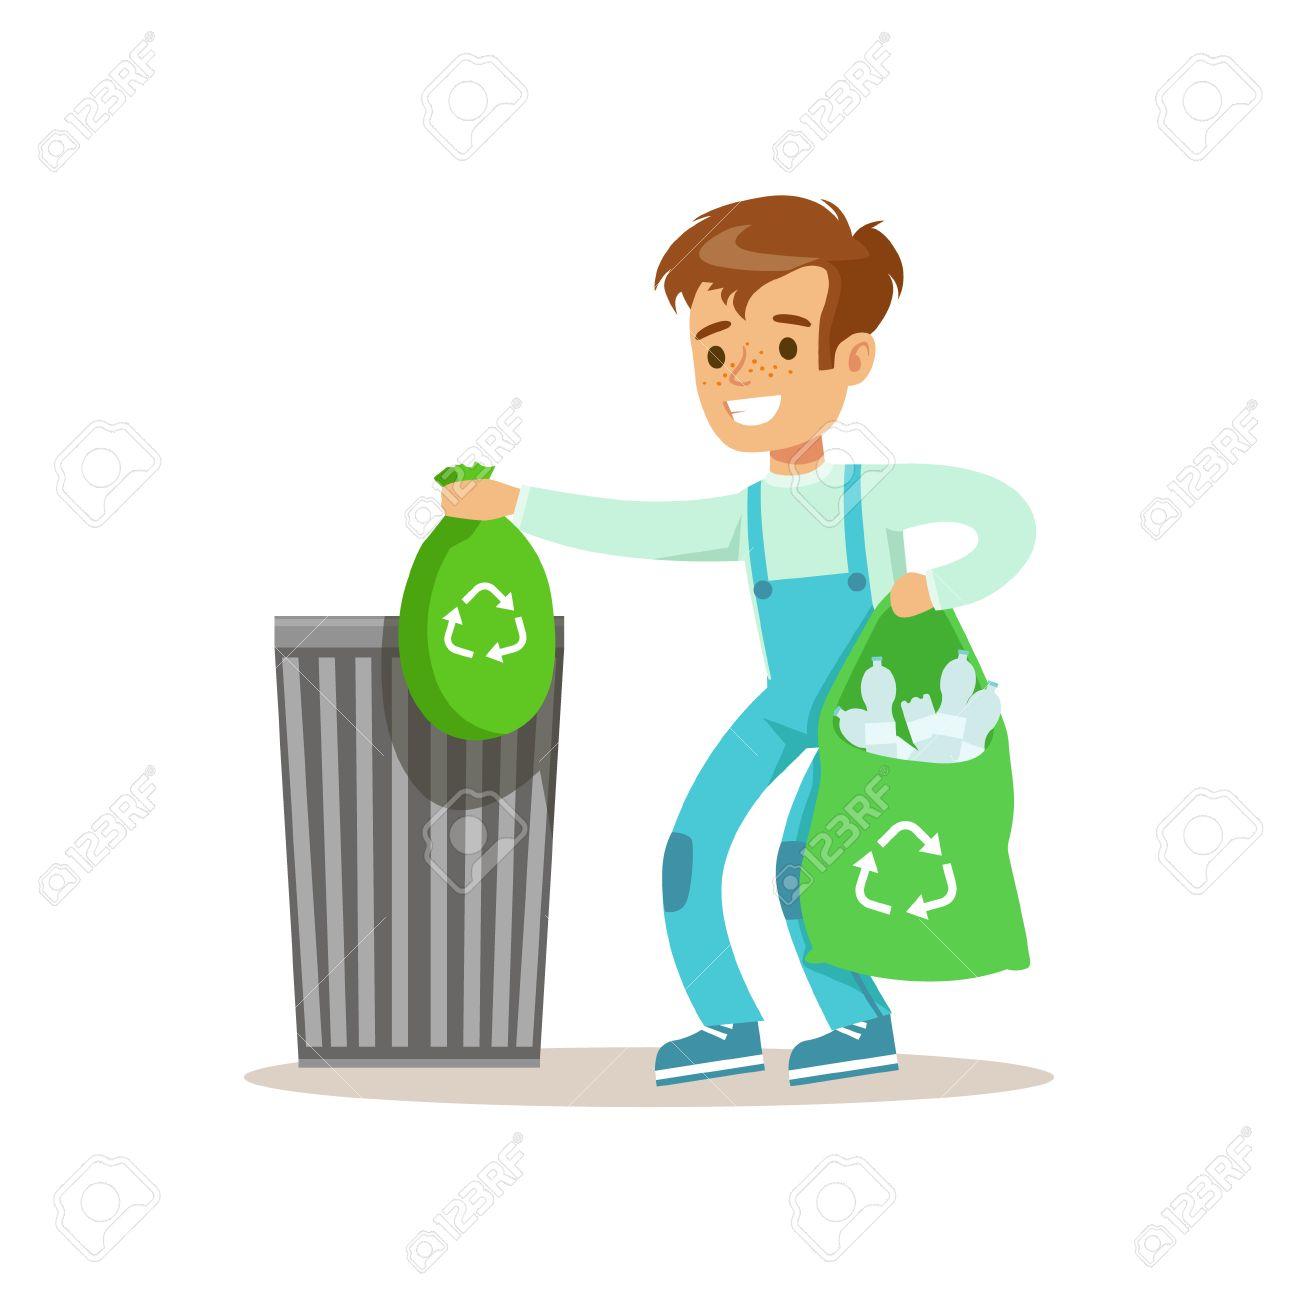 Boy Throwng Lejos Bolsas De Basura Llena De Botellas De Plástico